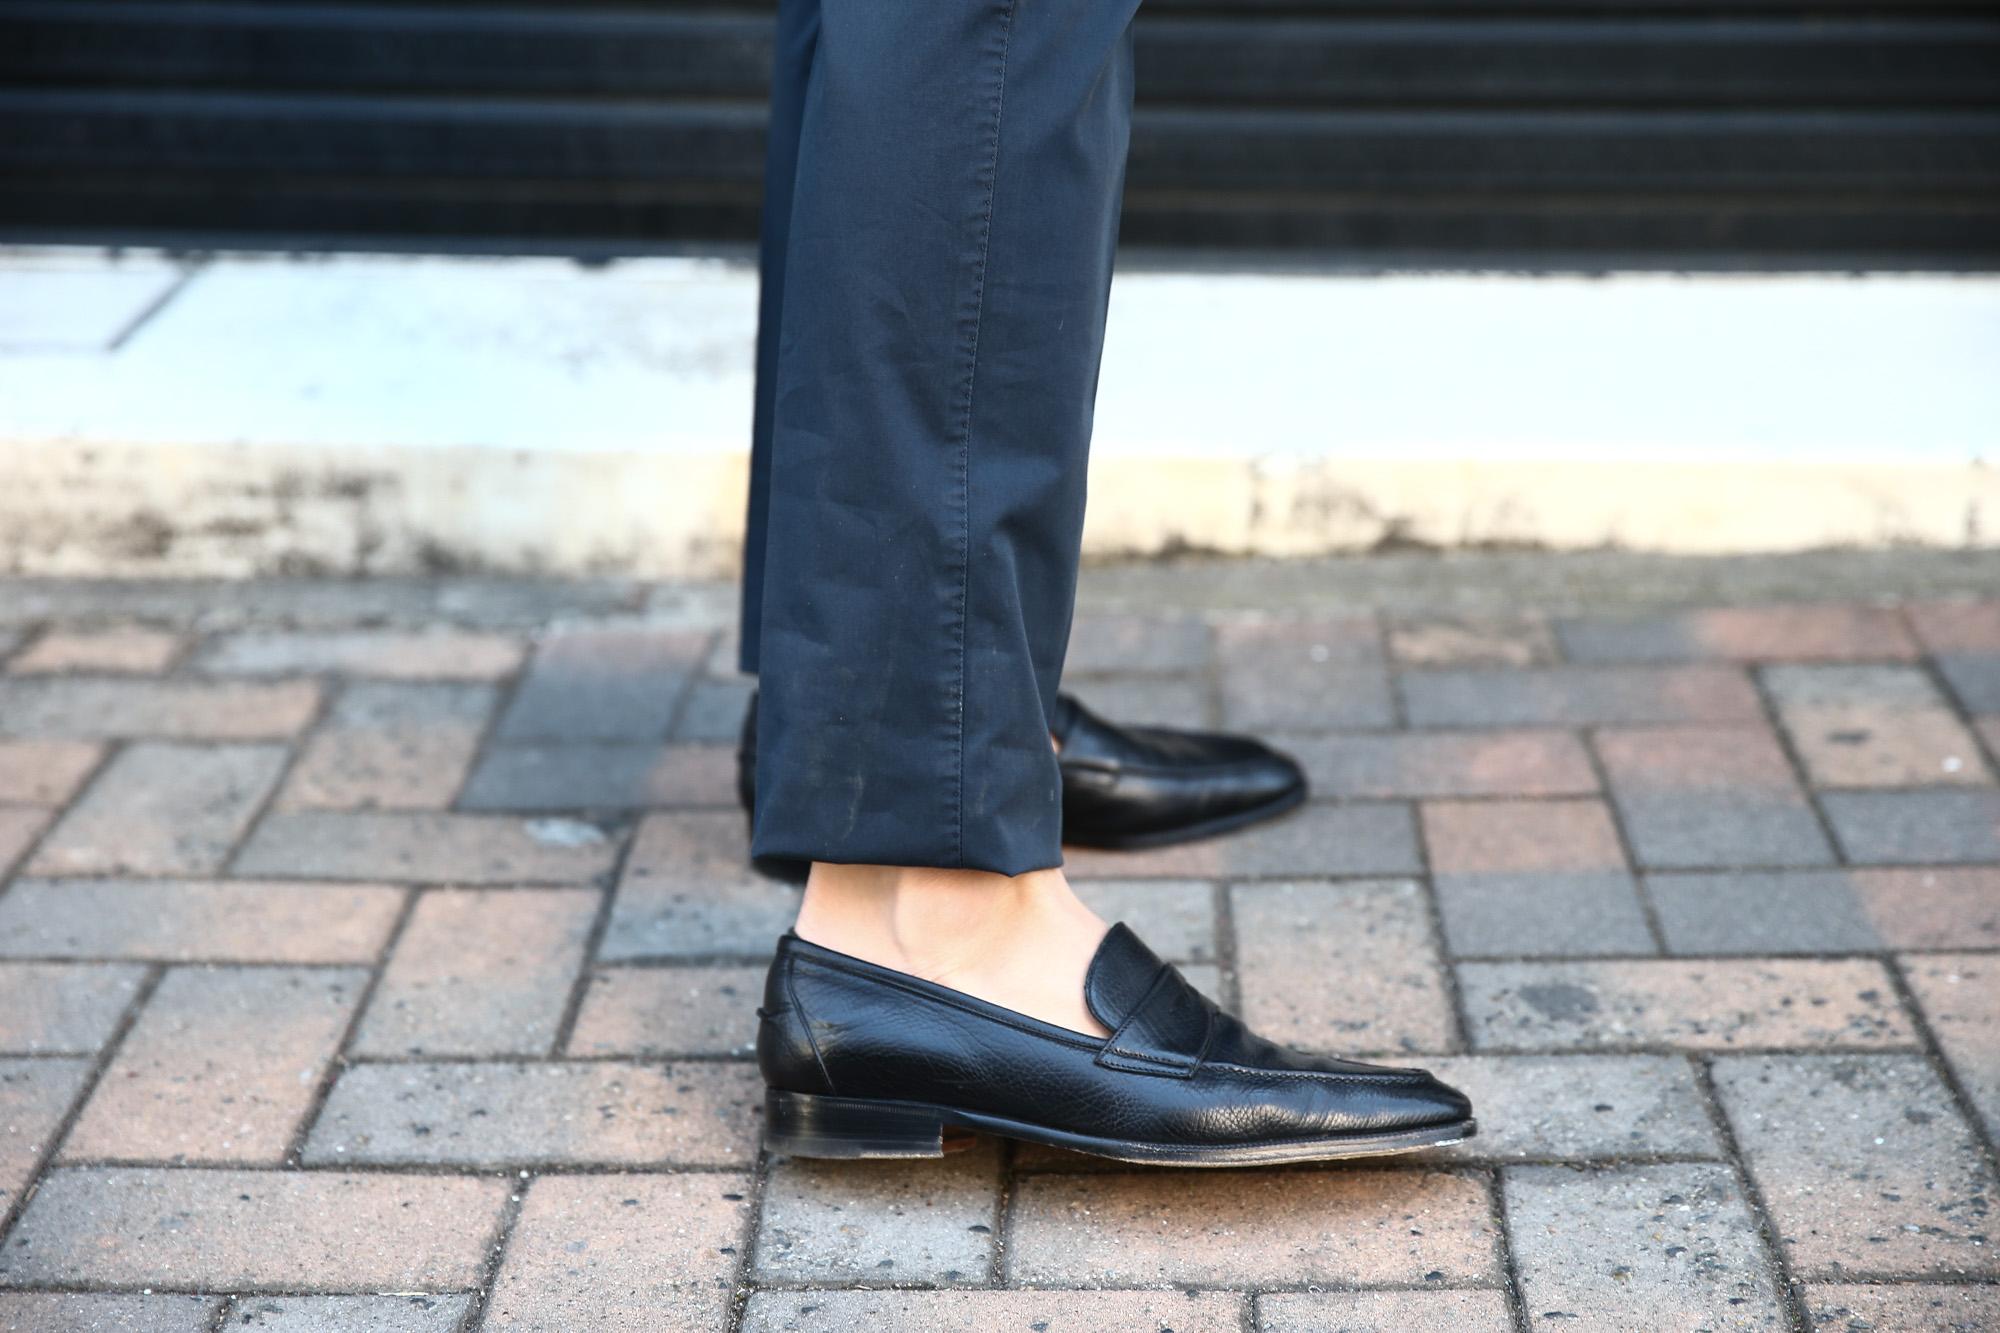 PT01 (ピーティーゼロウーノ) BUSINESS (ビジネス) SUPER SLIM FIT (スーパースリムフィット) Lux Cloth ストレッチ コットン スラックスパンツ NAVY (ネイビー・0360) 2018 春夏新作 pt01 チノ チノパン チノスラックス 愛知 名古屋 Alto e Diritto アルト エ デリット